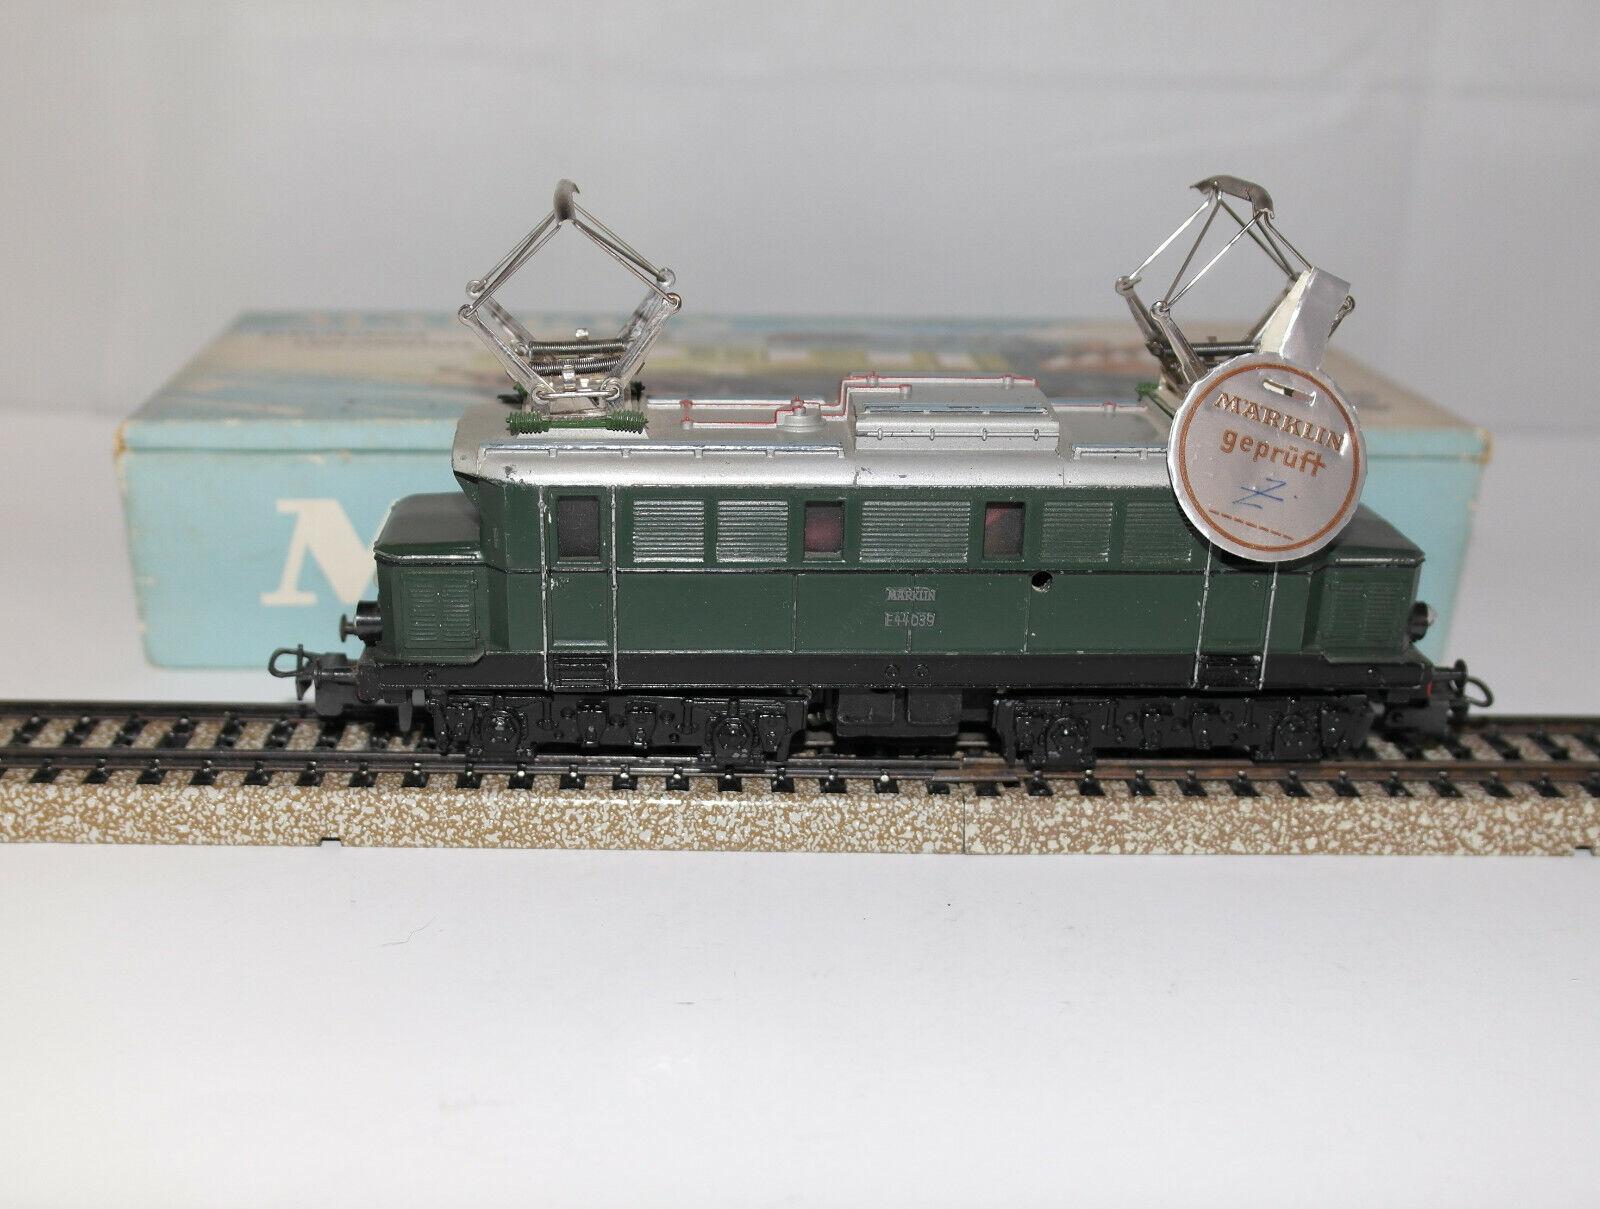 Marklin H 0:3011は、オリジナルボックス1959で800のLoco電気的なDB